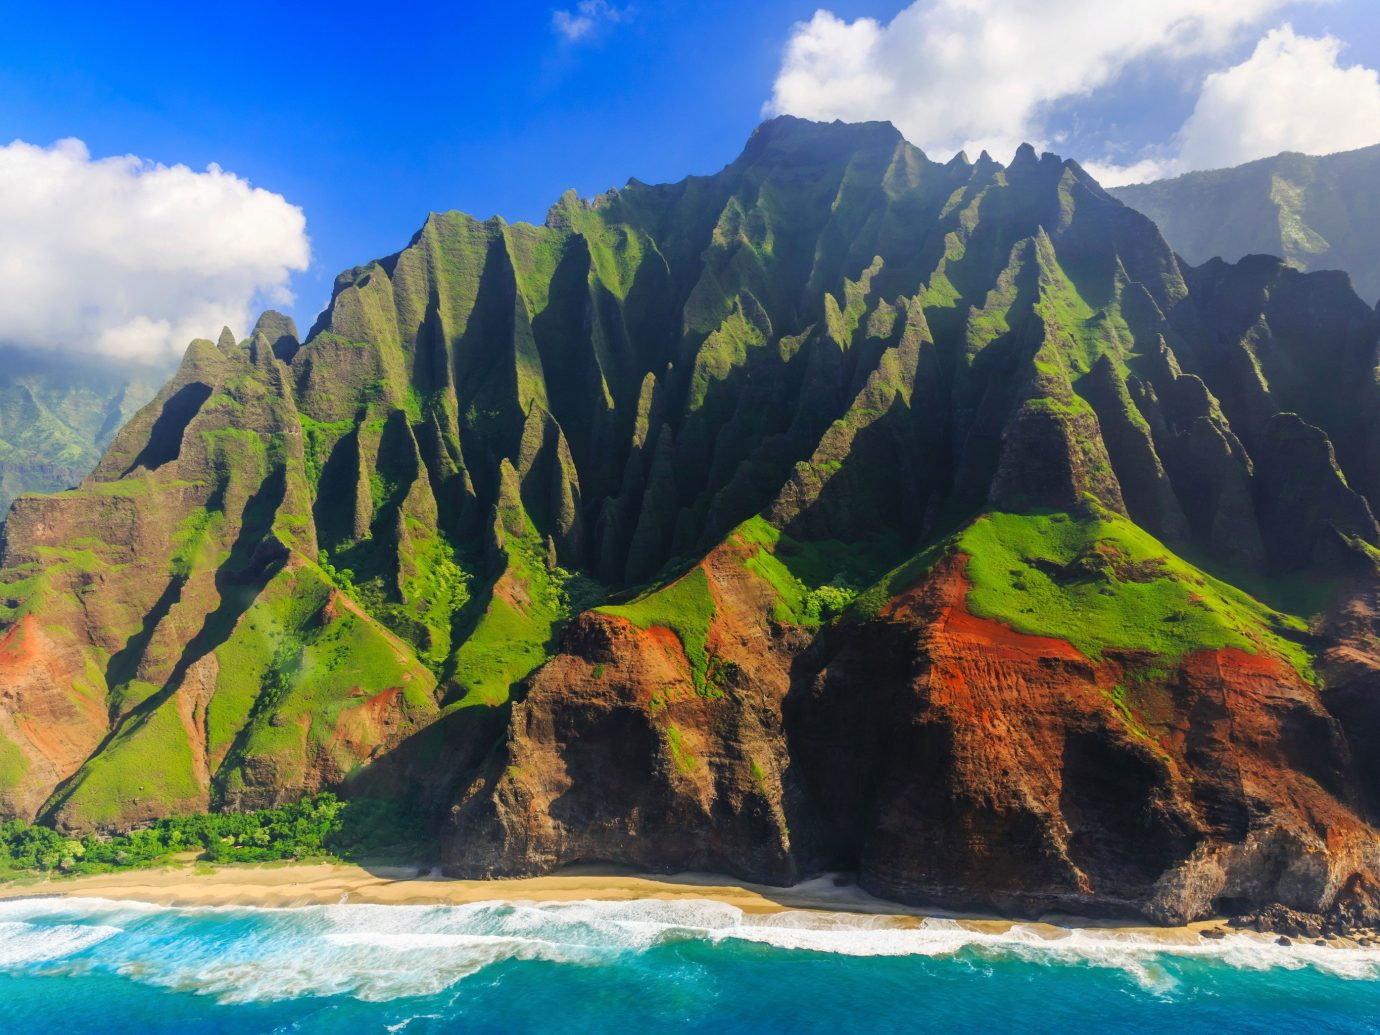 Aerial view of Kauai, Hawaii